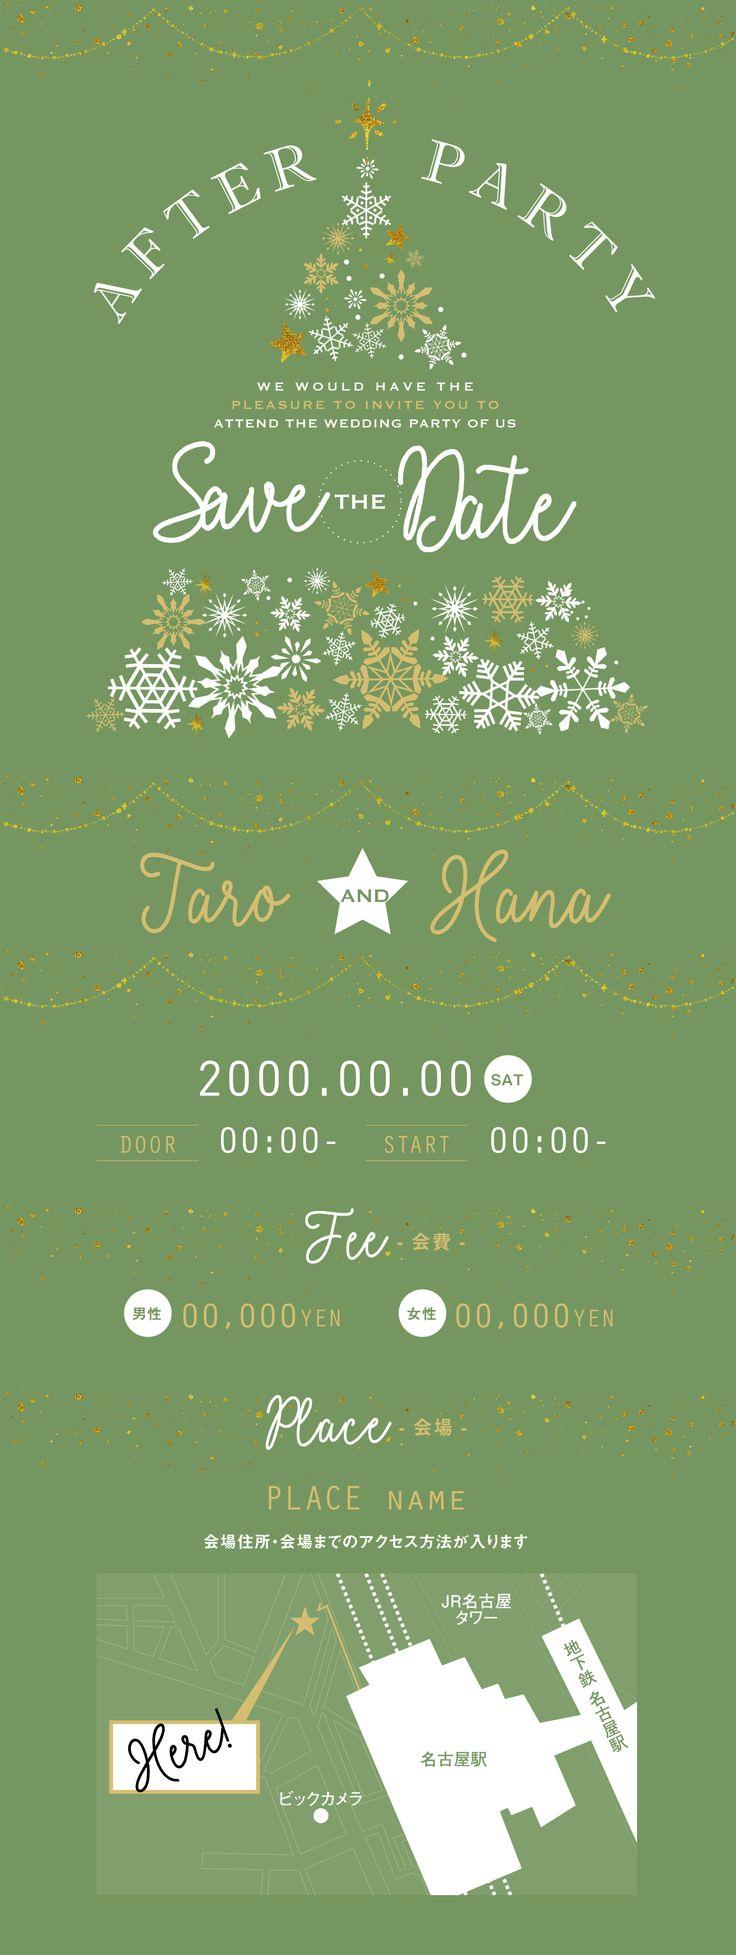 [品番:SD-Xmas G]NOVICオリジナルアイテムのSAVE THE DATE(LINE用招待状)。お二人のお名前・パーティー日・パーティー会場情報・会場MAPをお入れさせて頂きます。15,000円+TAX ※データ納品。#クリスマスパーティー #招待状 #Xmas #クリスマス  #SAVETHEDATE